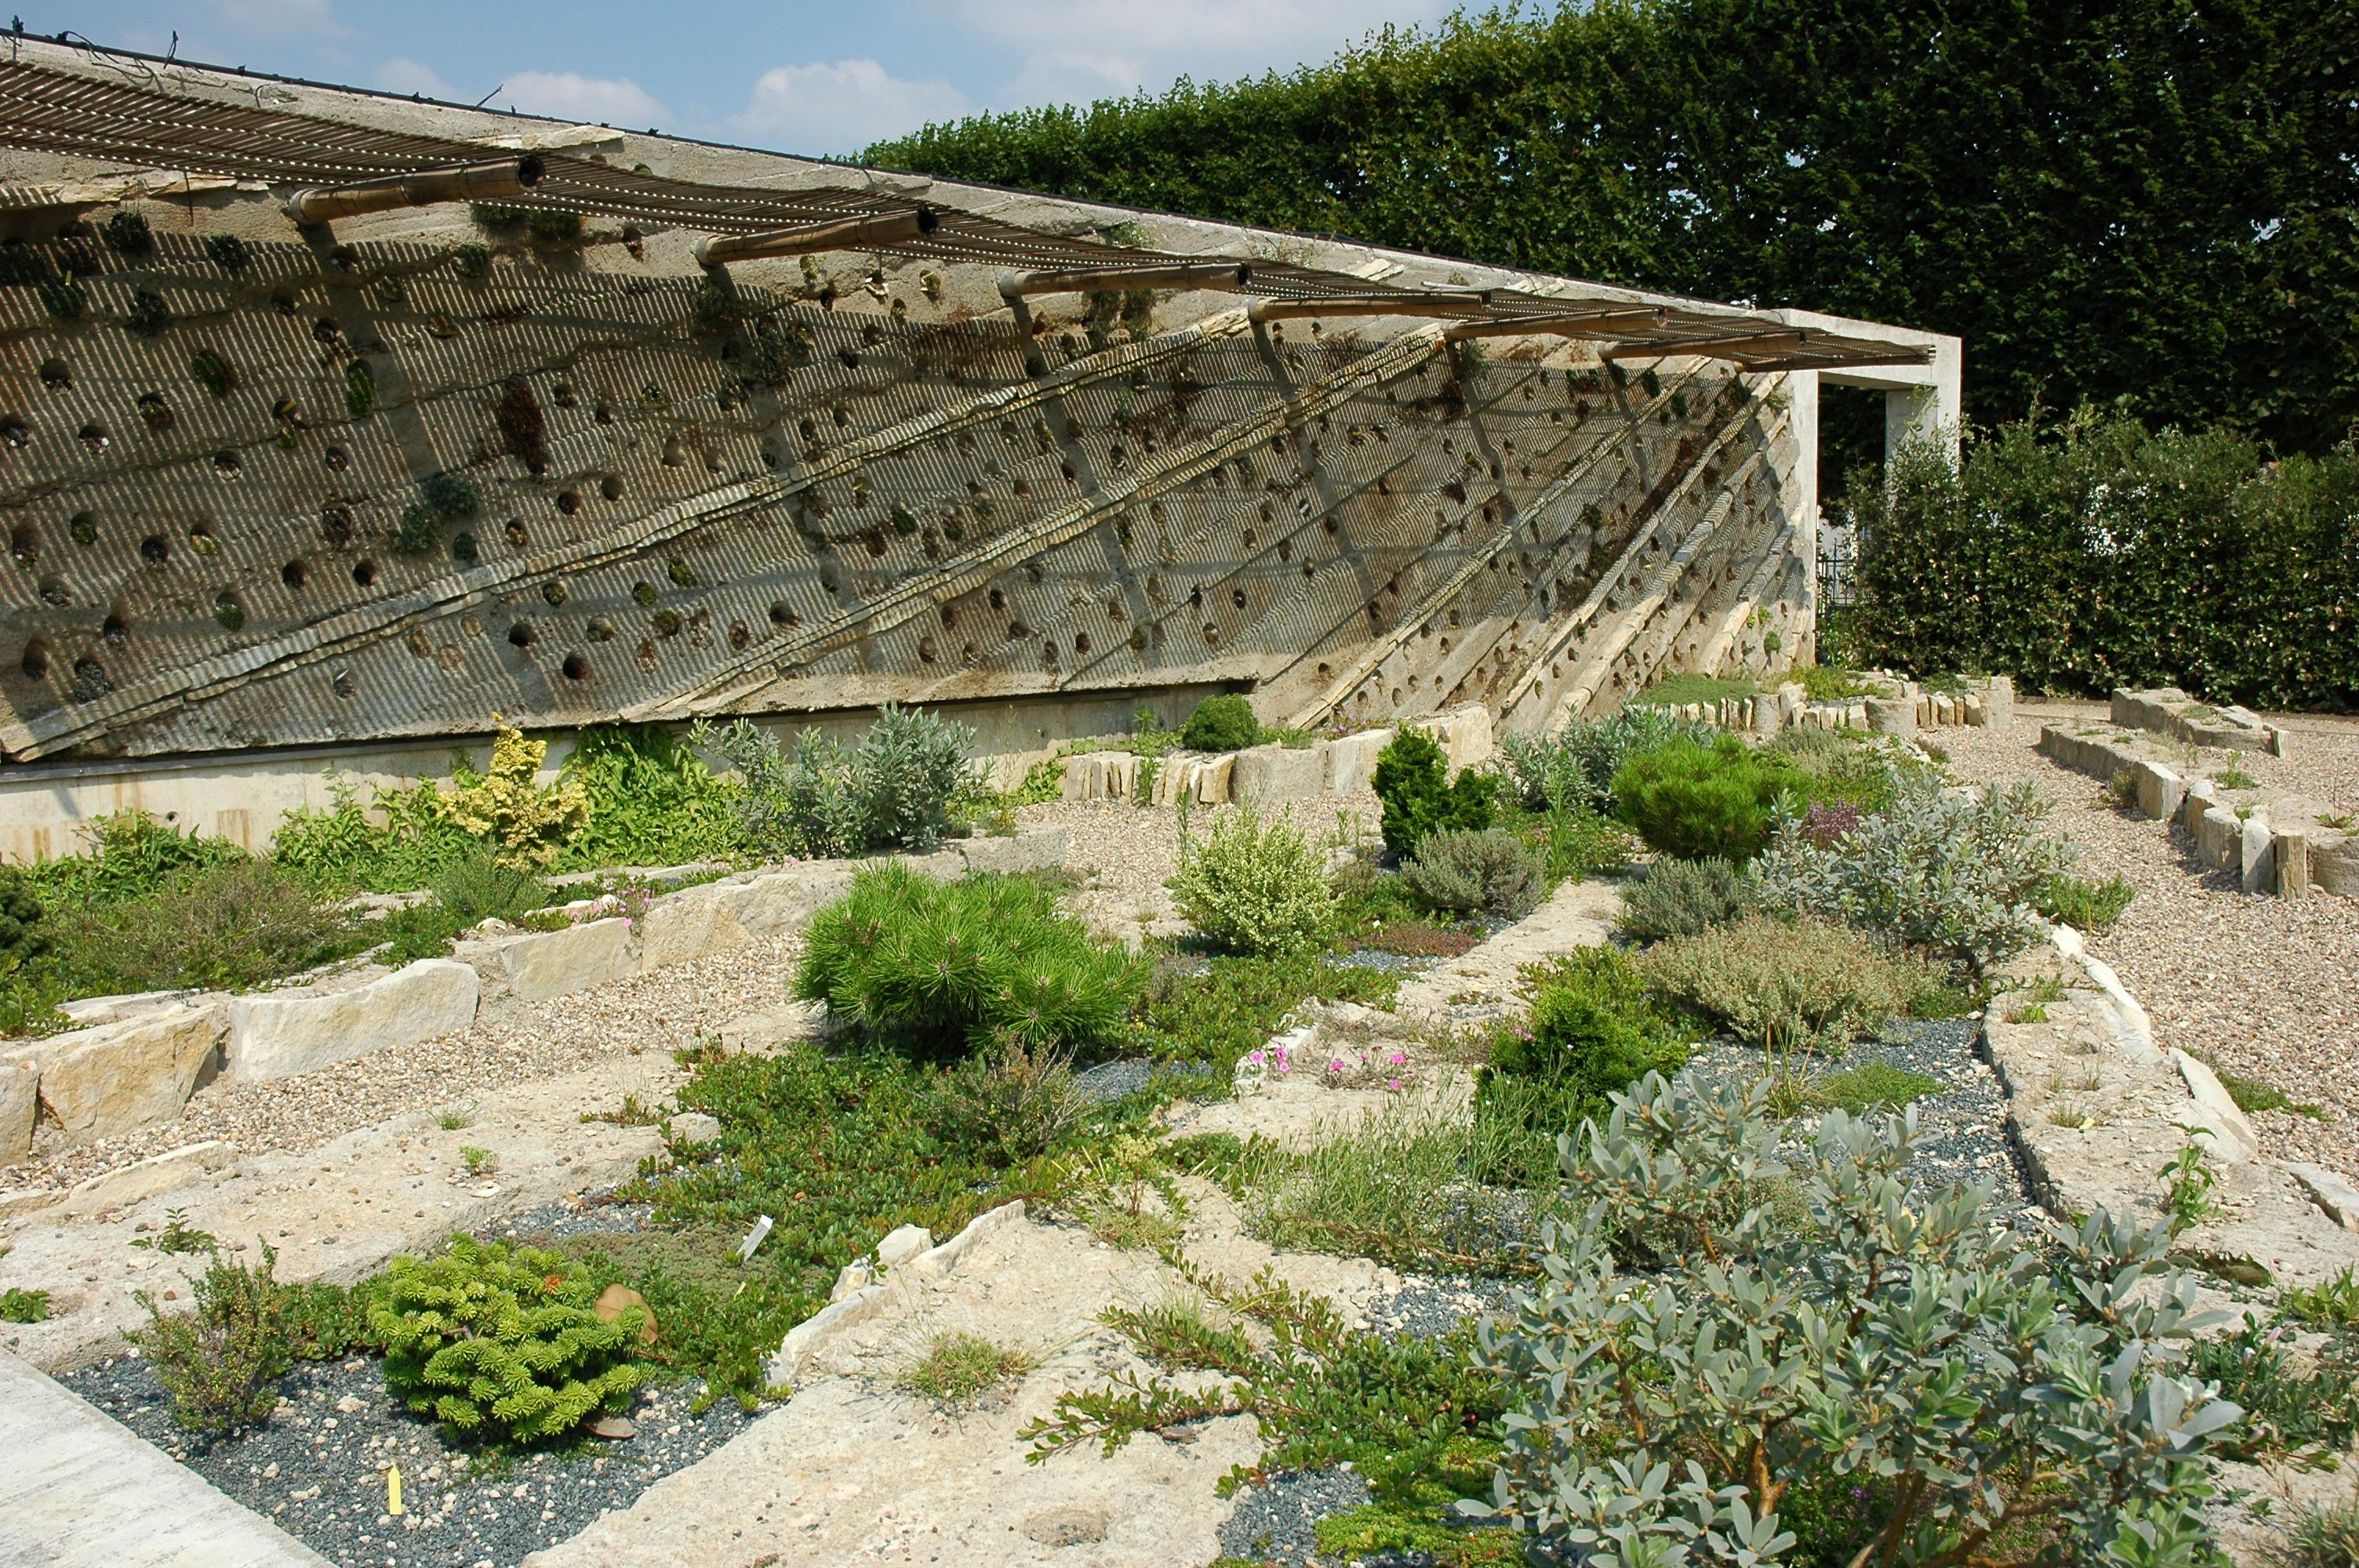 file france orleans jardin des plantes 04 jpg wikimedia commons. Black Bedroom Furniture Sets. Home Design Ideas